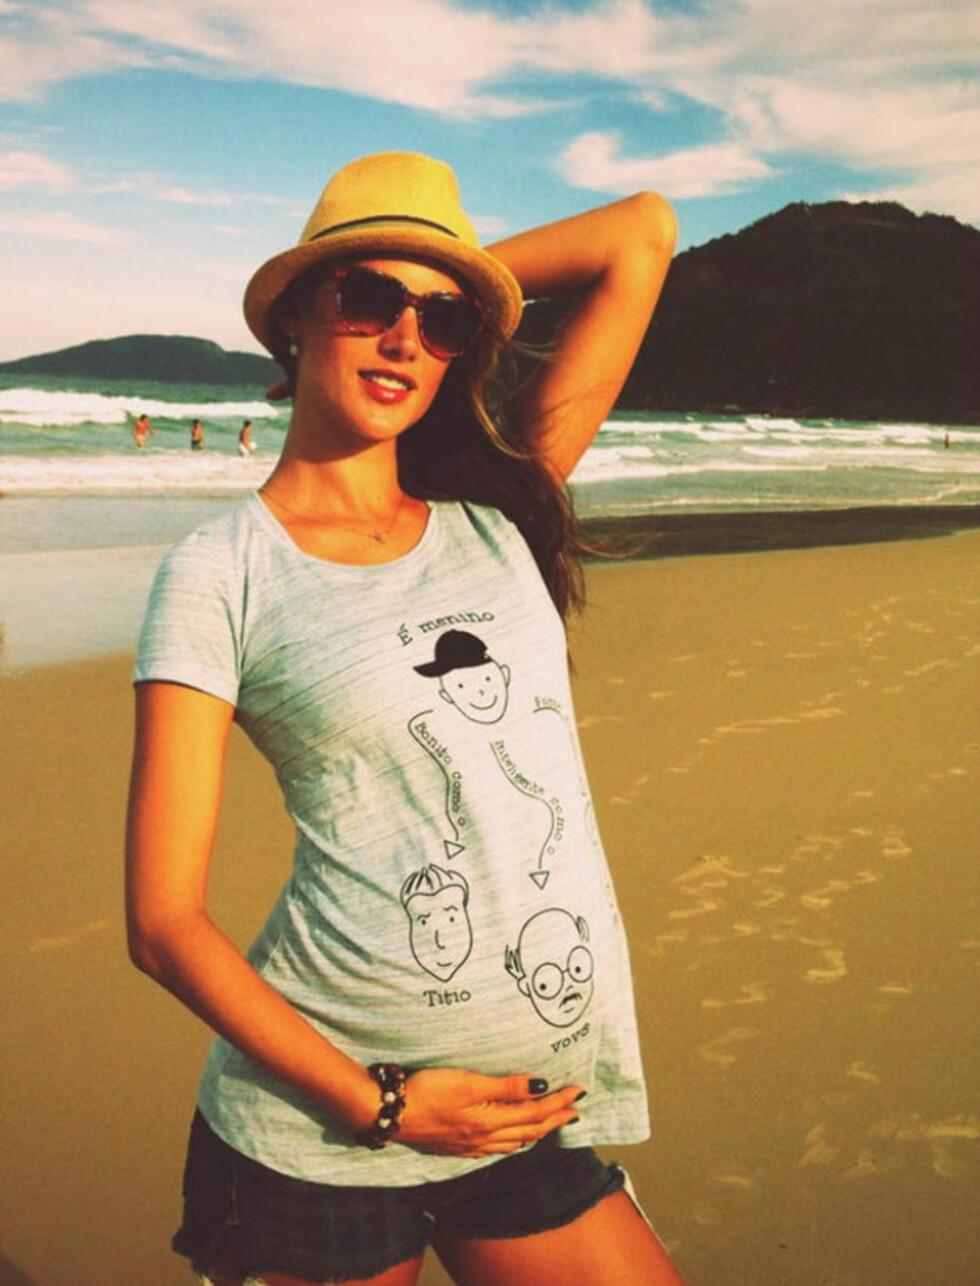 GRAVID: Modellen Alesaandra Ambrosion venter sitt andre barn og tilbringer deler av ventetiden på stranda. Foto: Twitter/Stella